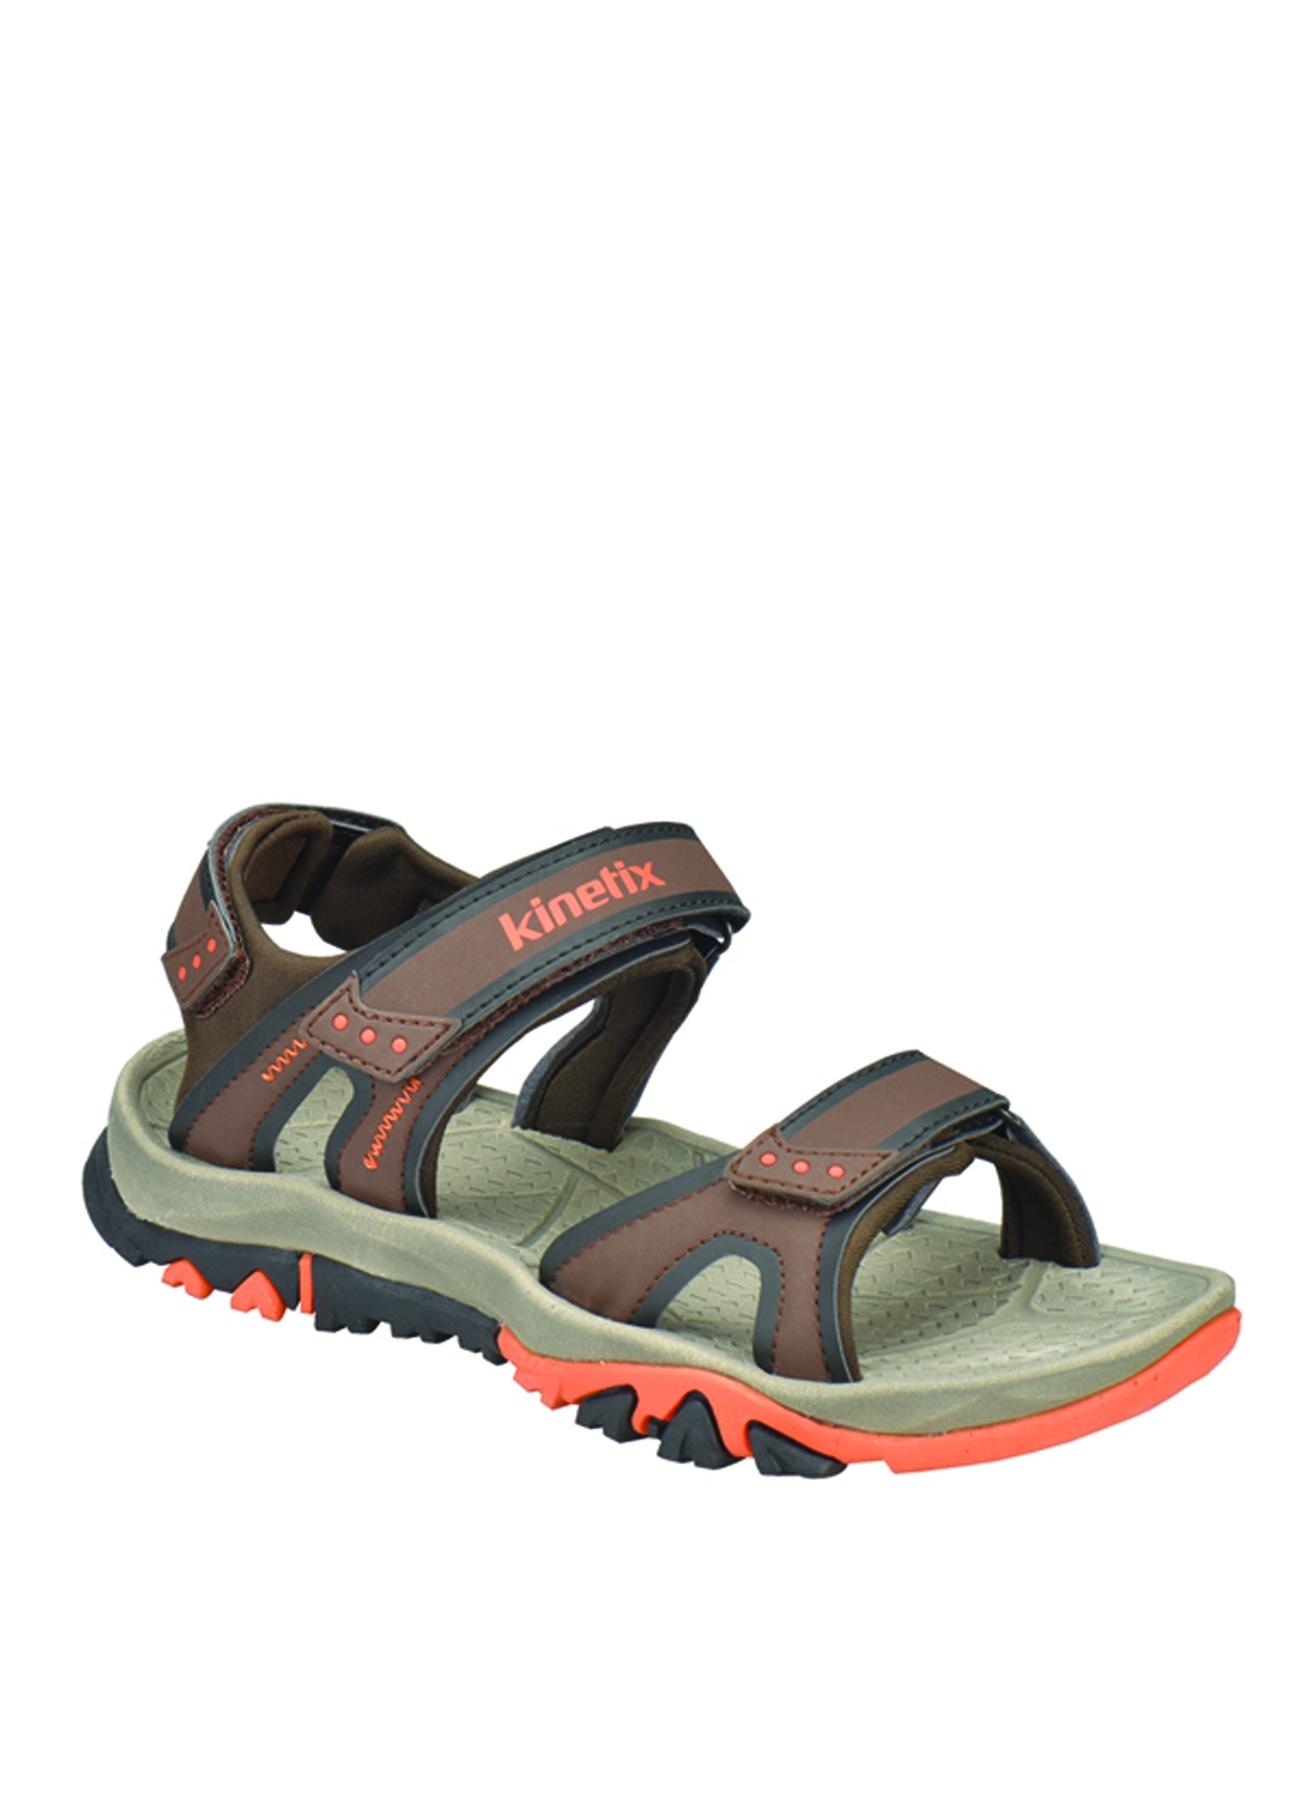 Kinetix Sandalet 44 5000211369002 Ürün Resmi